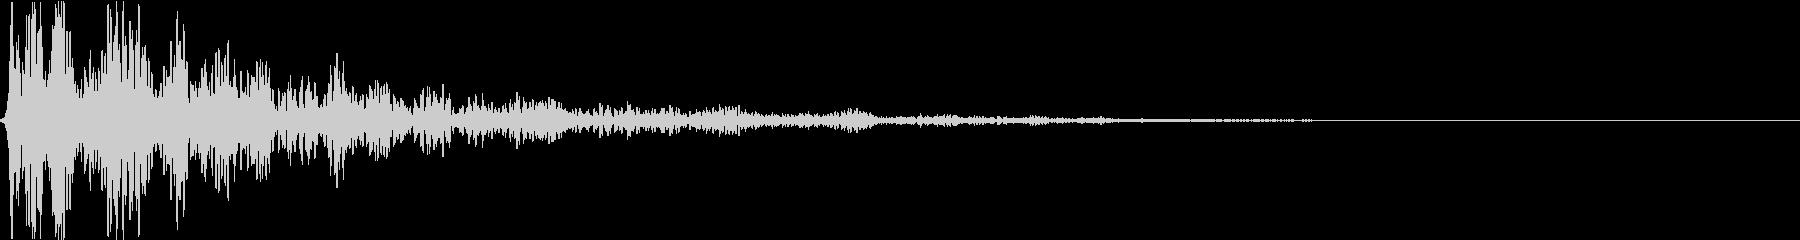 どん:地鳴り・迫力・オープニングホラーcの未再生の波形